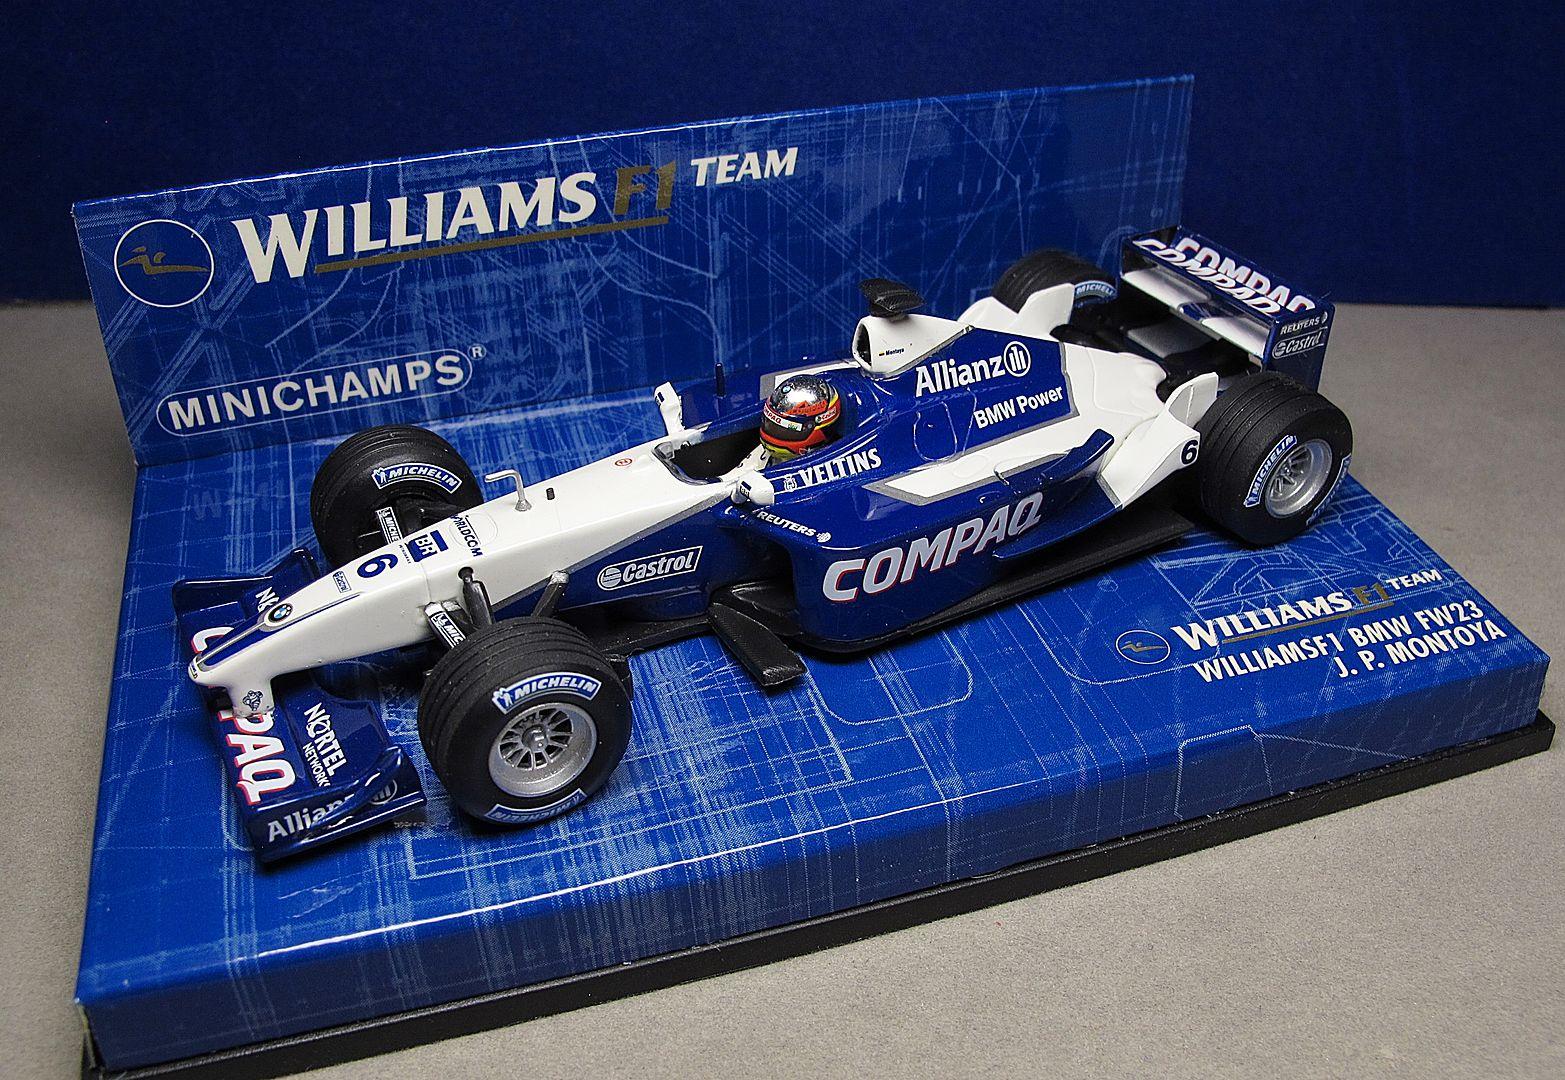 Formula 1 №20 - Williams FW23 Ральф Шумахер (2001)